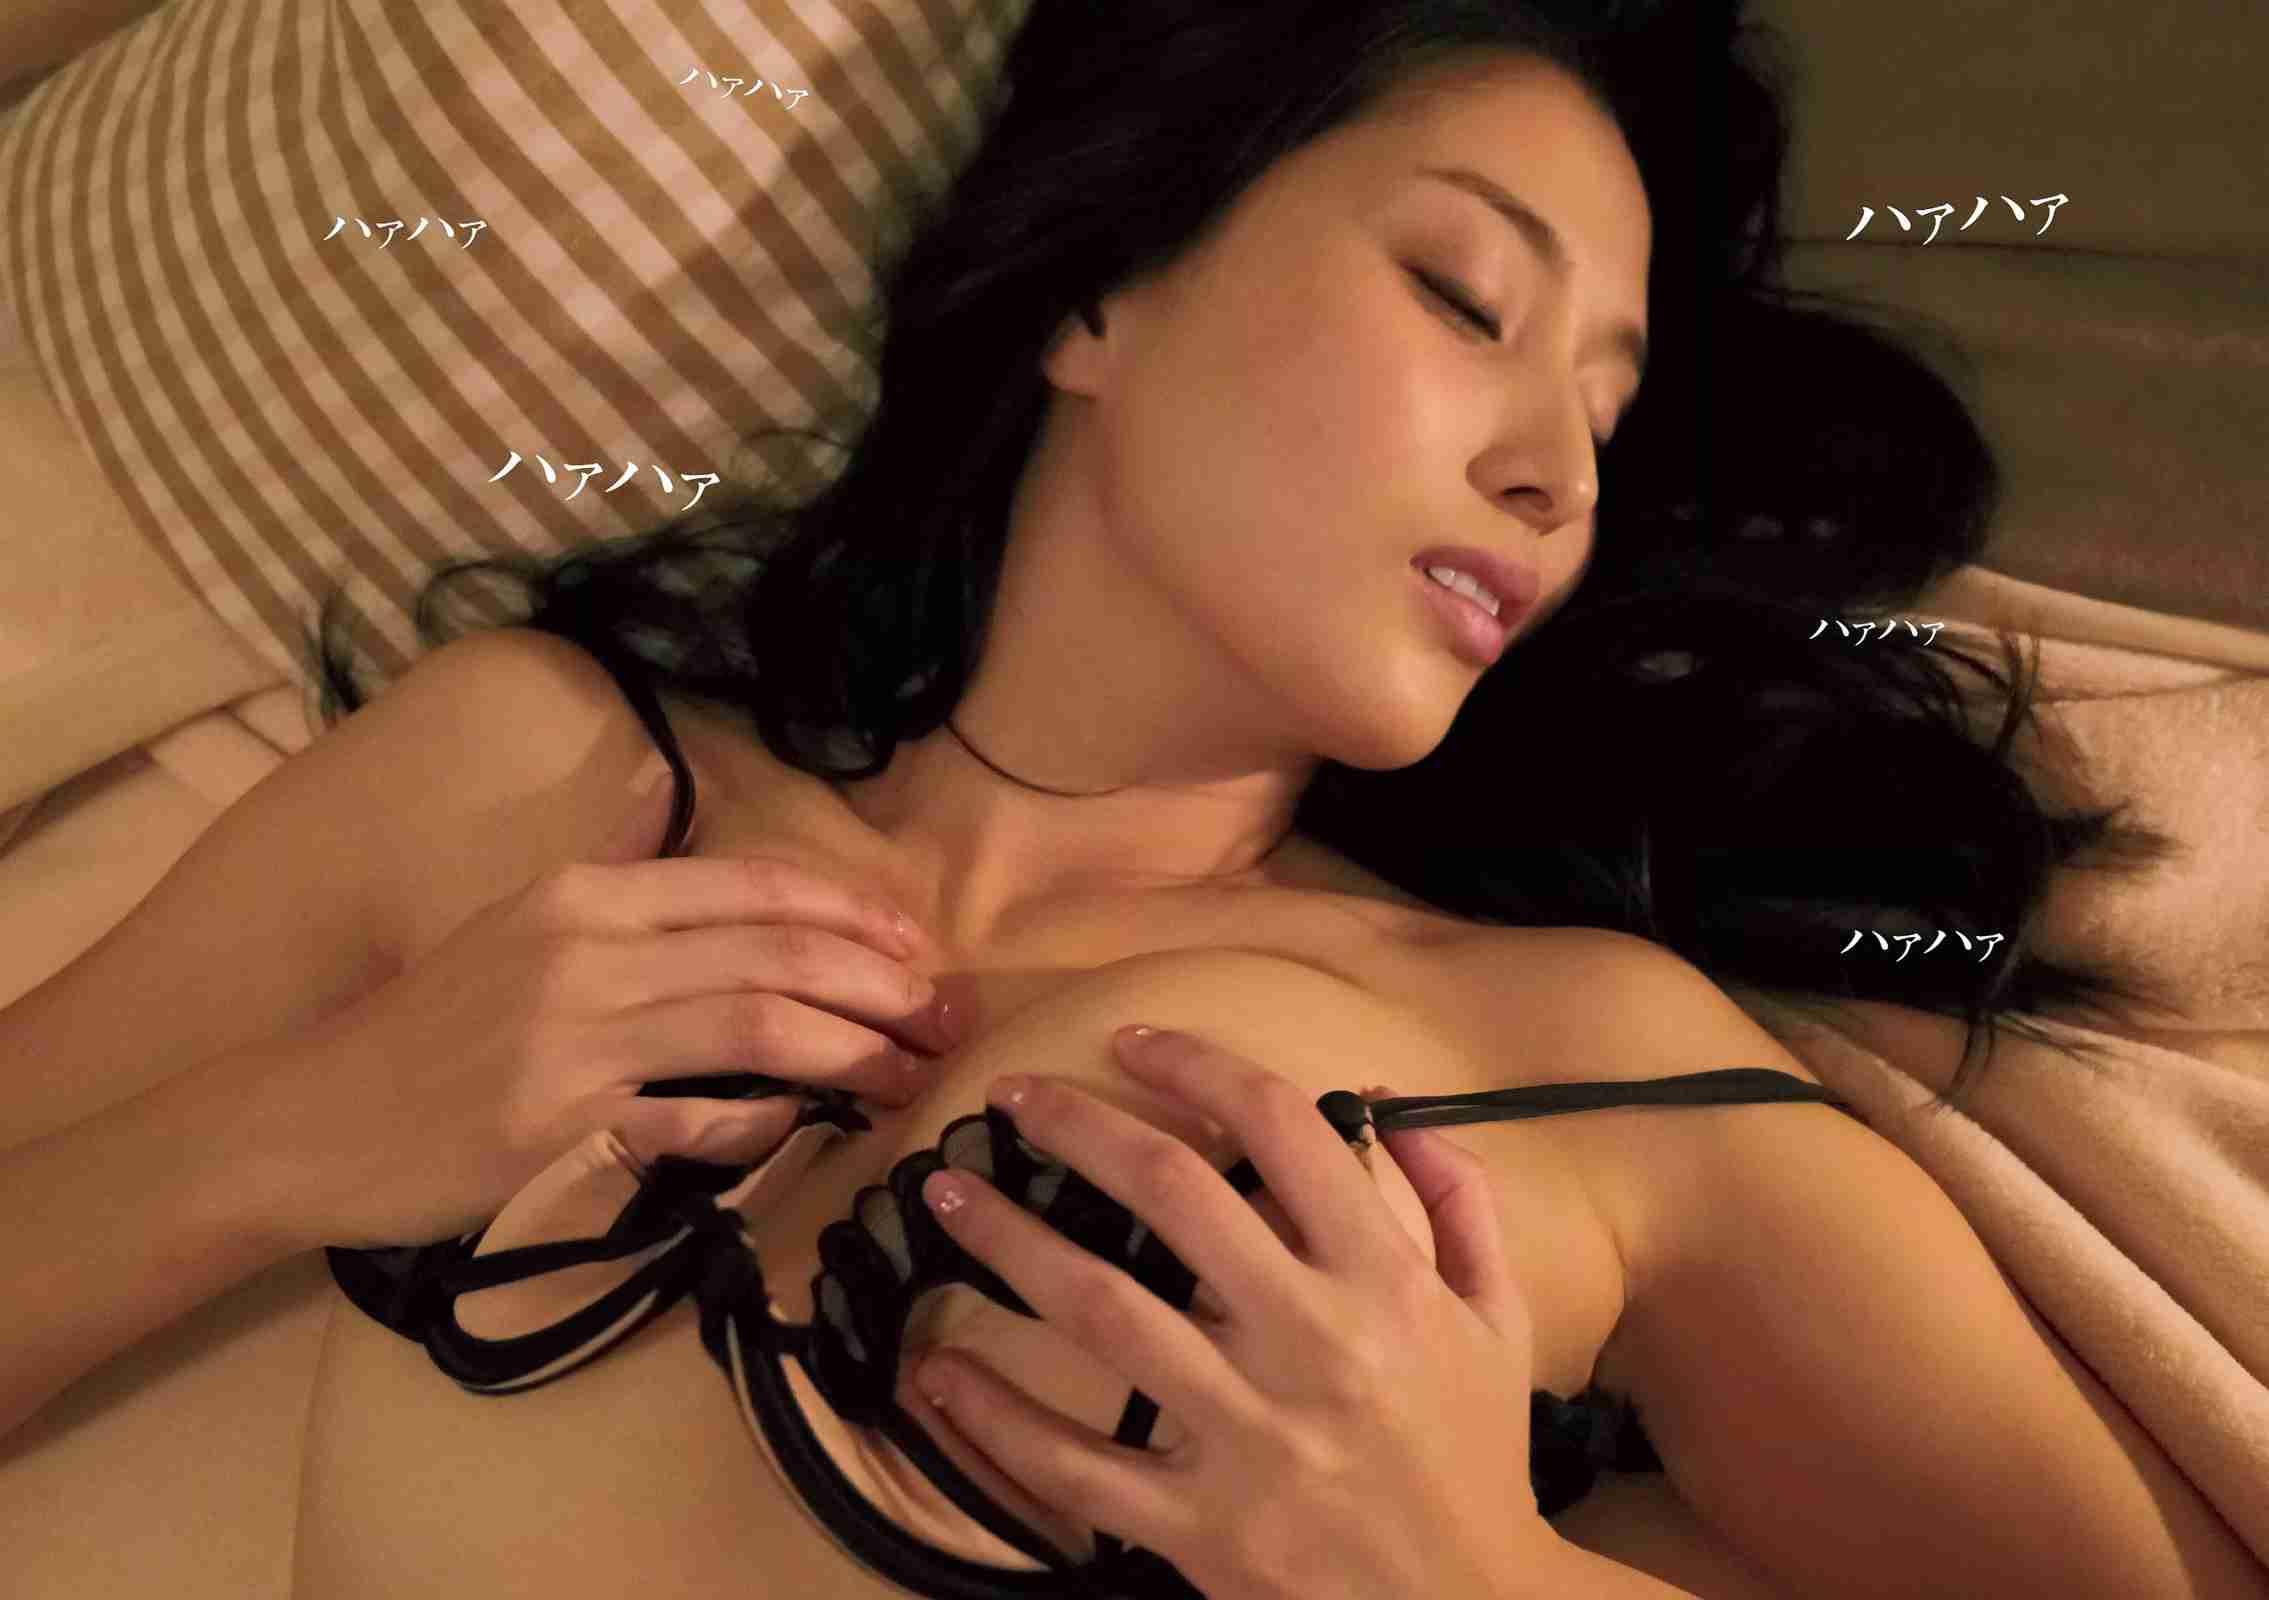 橋本マナミ、実家でも愛の営み「我慢できない」